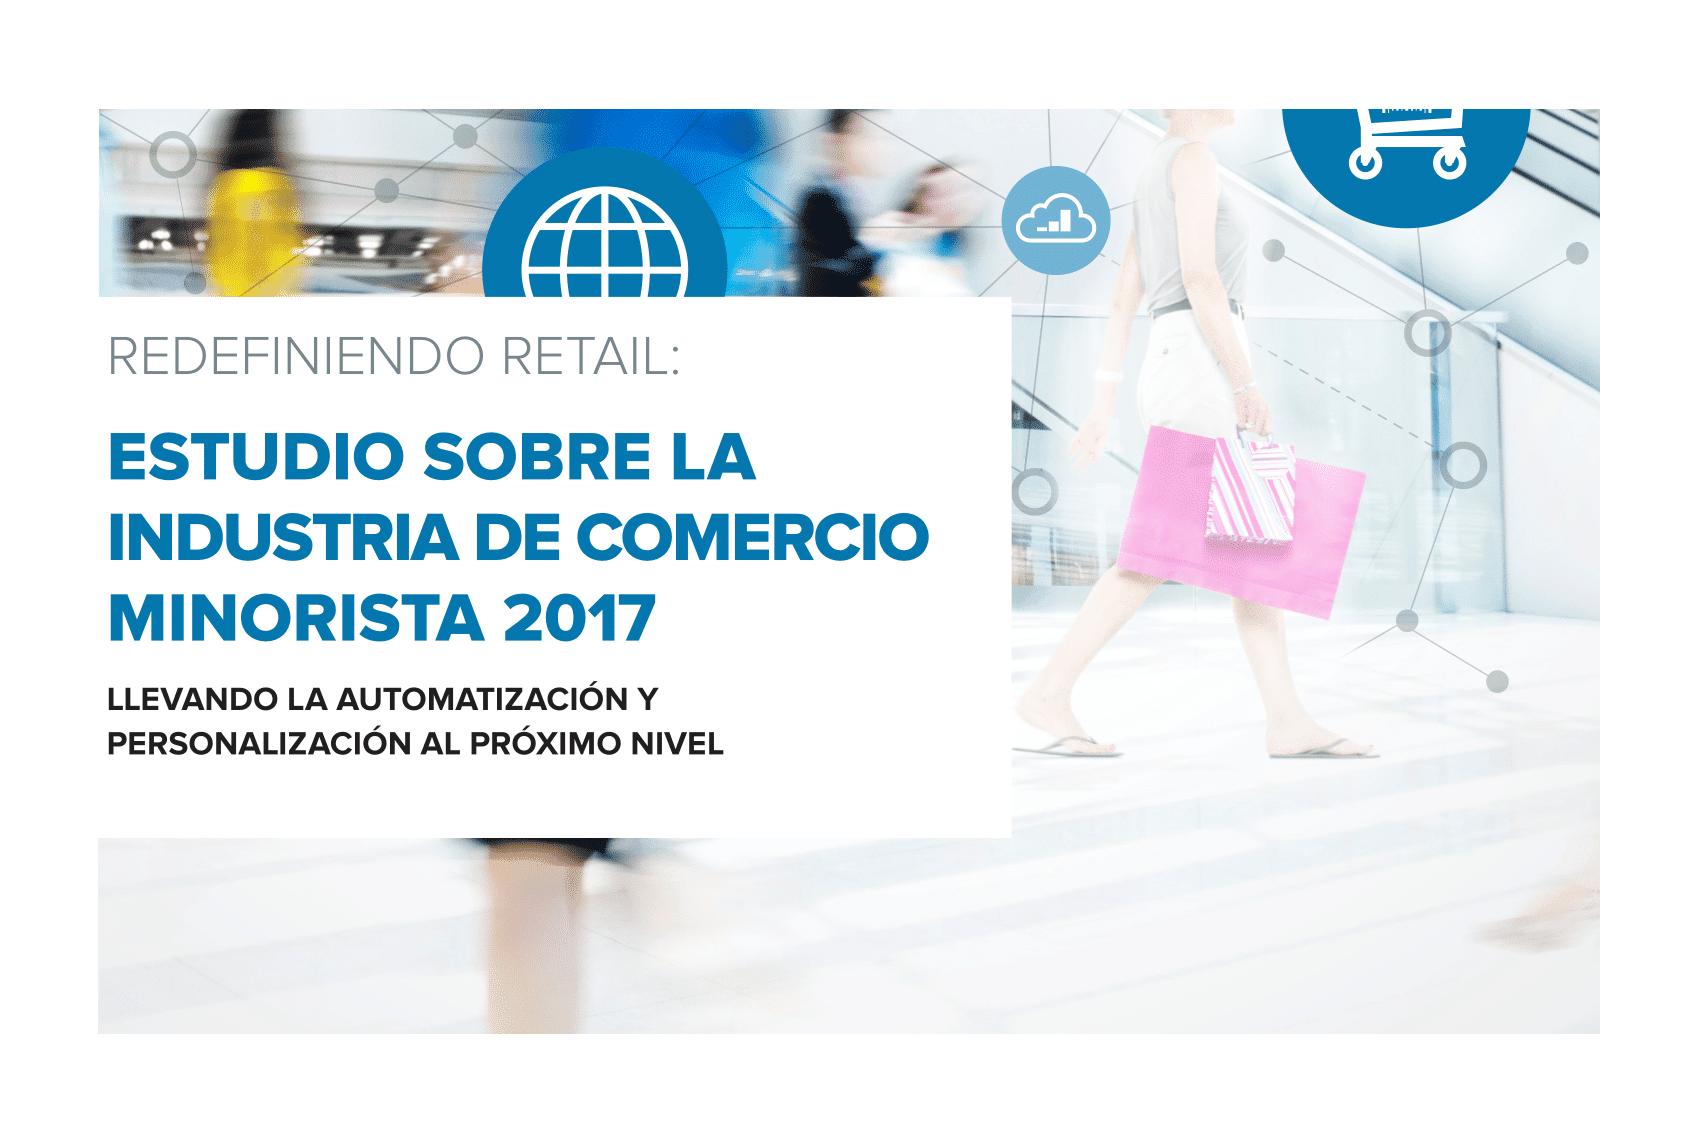 Zebra   Retail Vision Study ESP 1 - Siete de cada diez comercios minoristas invertirán en tecnologías IoT